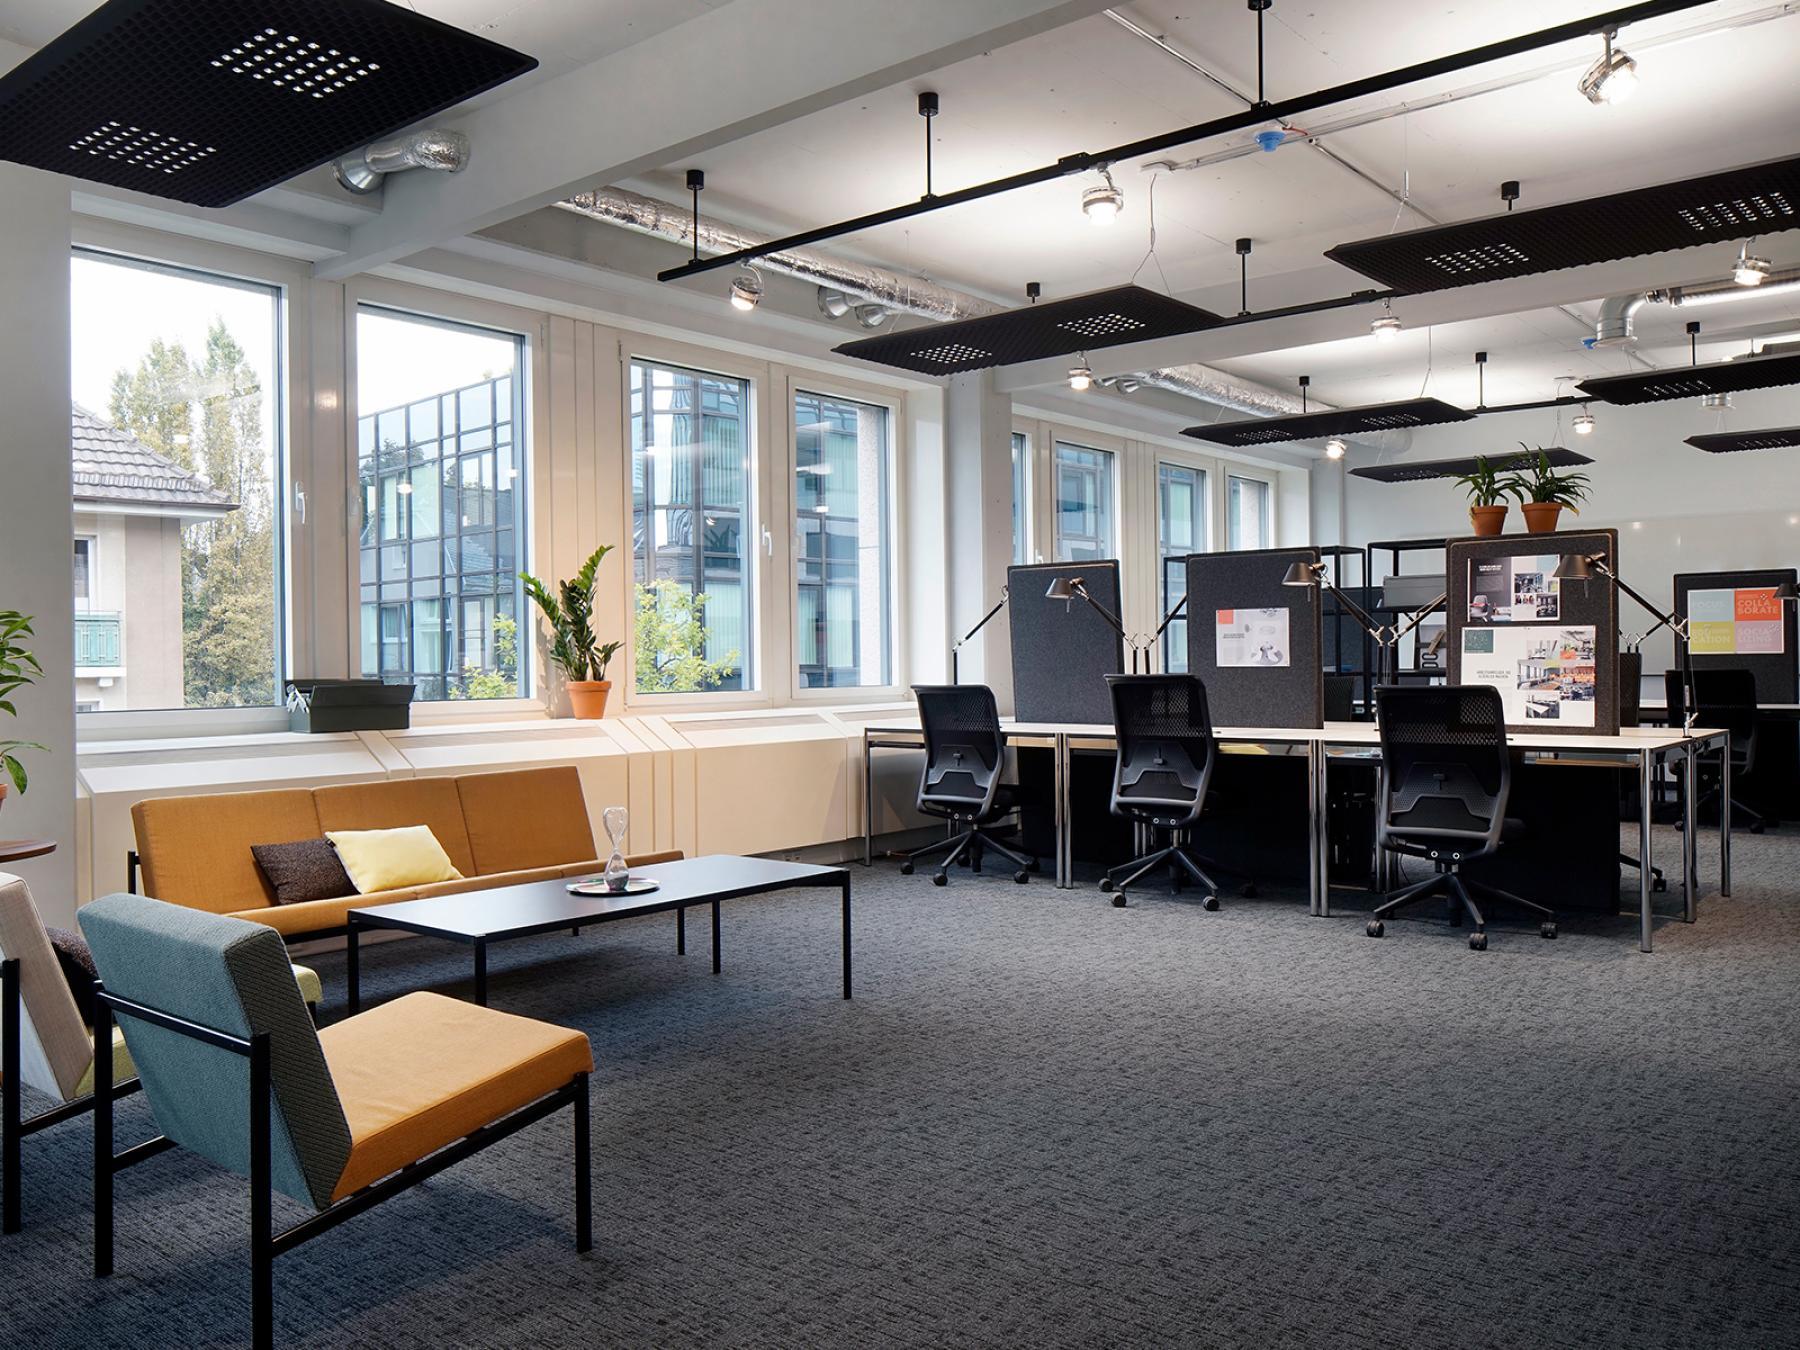 Arbeitsplätze und gemütliche Ecke in freundlichem offenen Büroraum